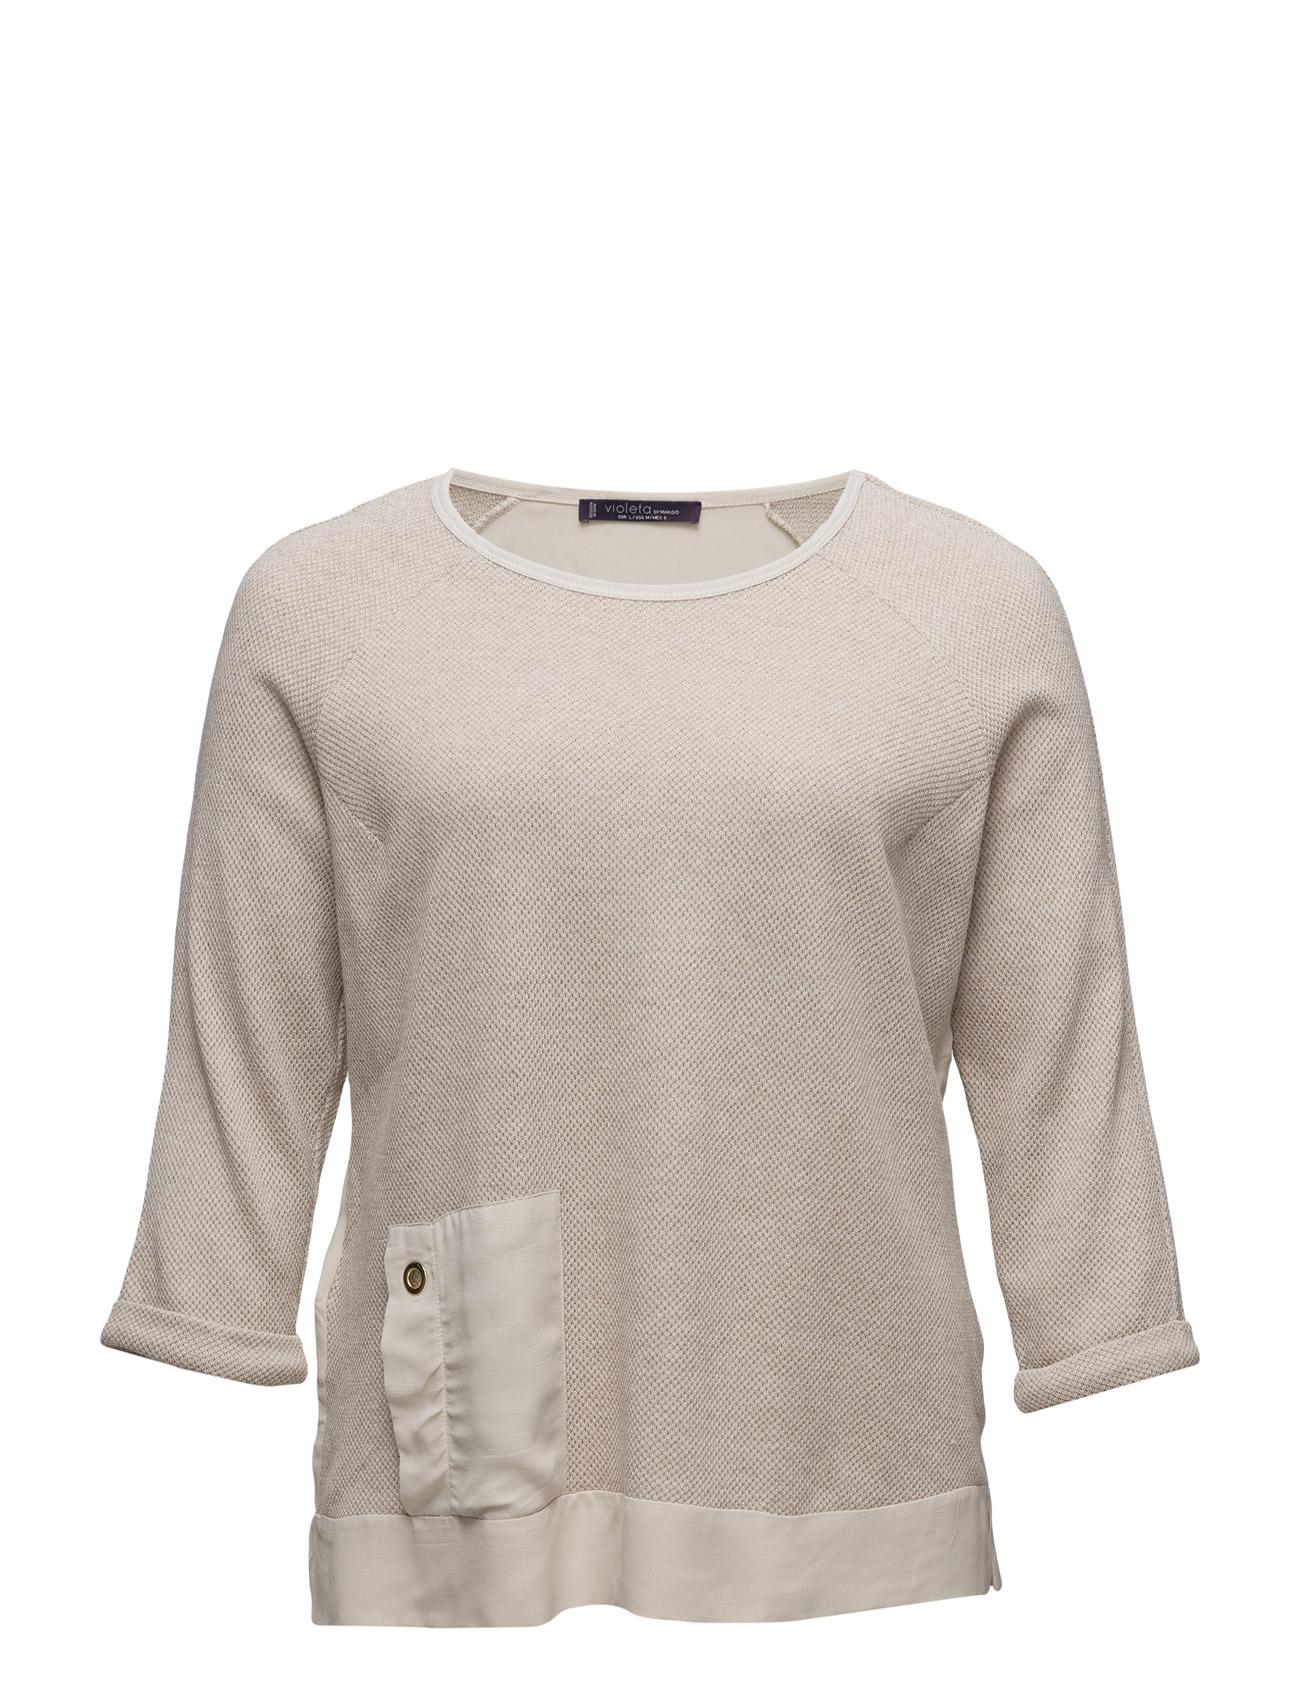 Metallic Cotton-Blend Sweatshirt Violeta by Mango  til Kvinder i Light Beige